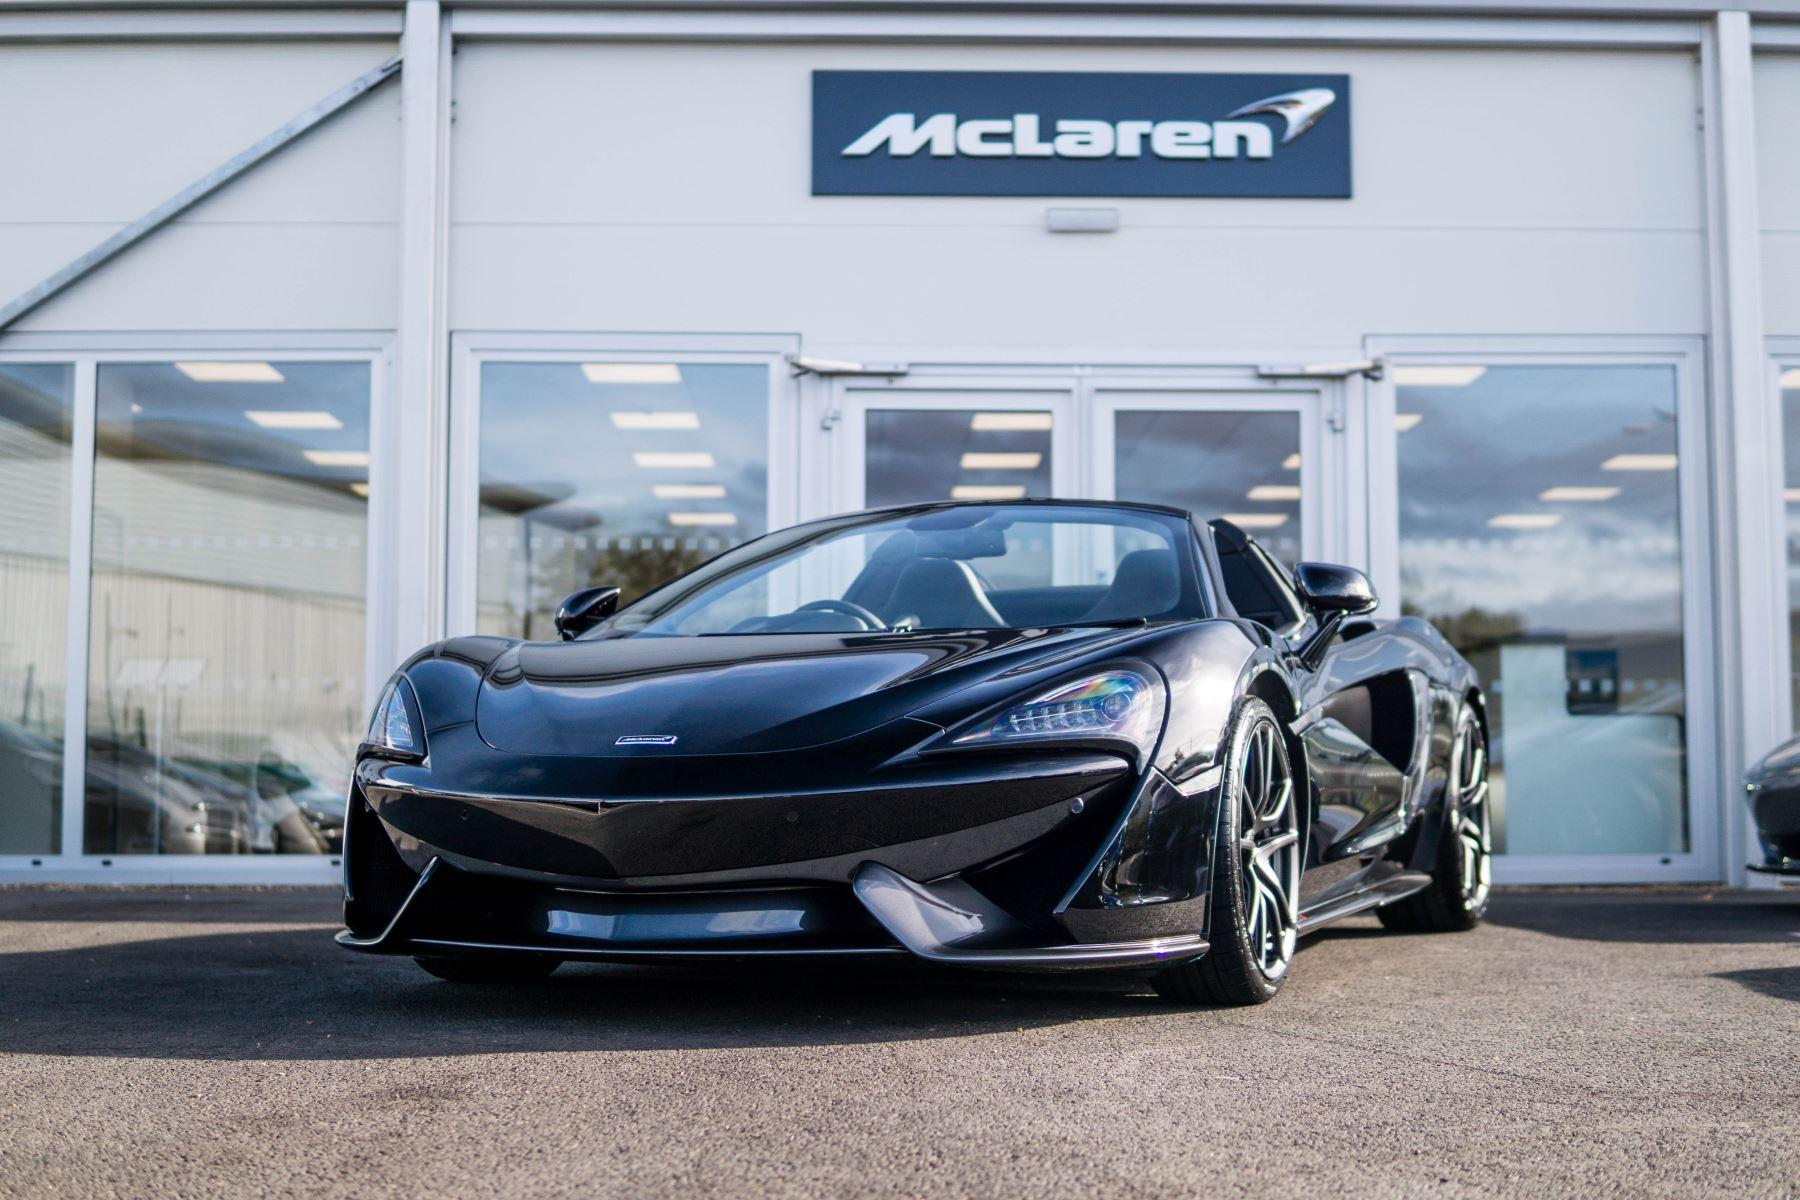 McLaren 570S Spider V8 SSG 3.8 Automatic 2 door Convertible (17MY) image